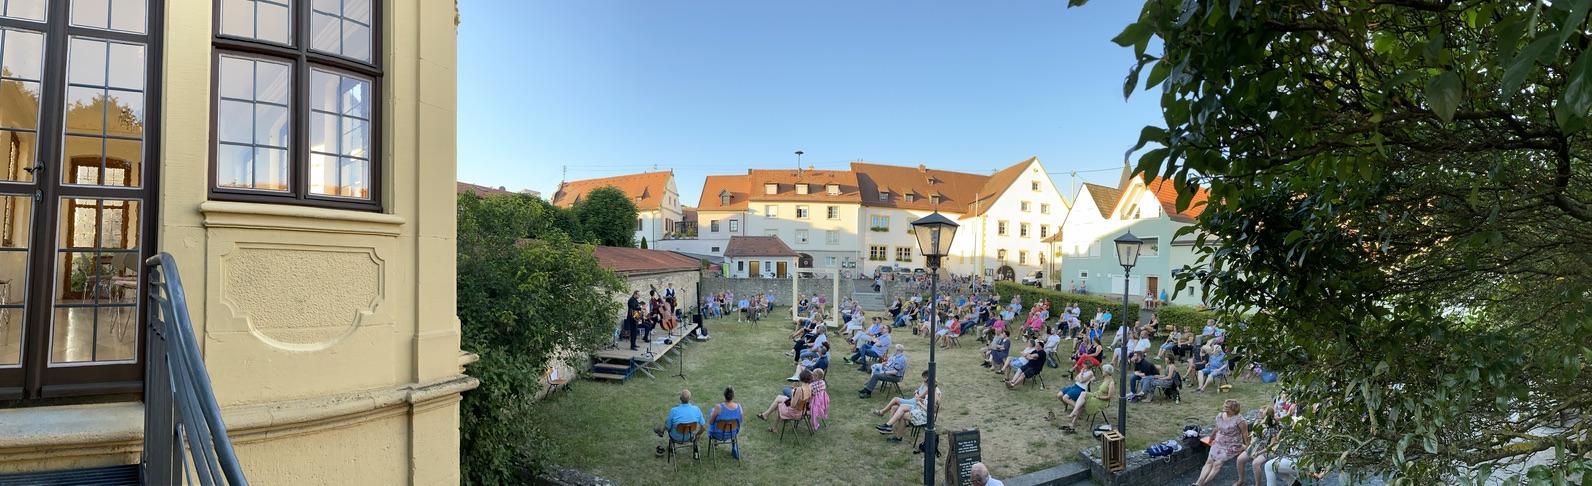 Konzerte am Pavillon - Kultur trotz Corona - Romantischer Rathaushof zwischen Balthasars Badewanne, Balthasar-Neumann-Pavillon und Rathaus Randersacker